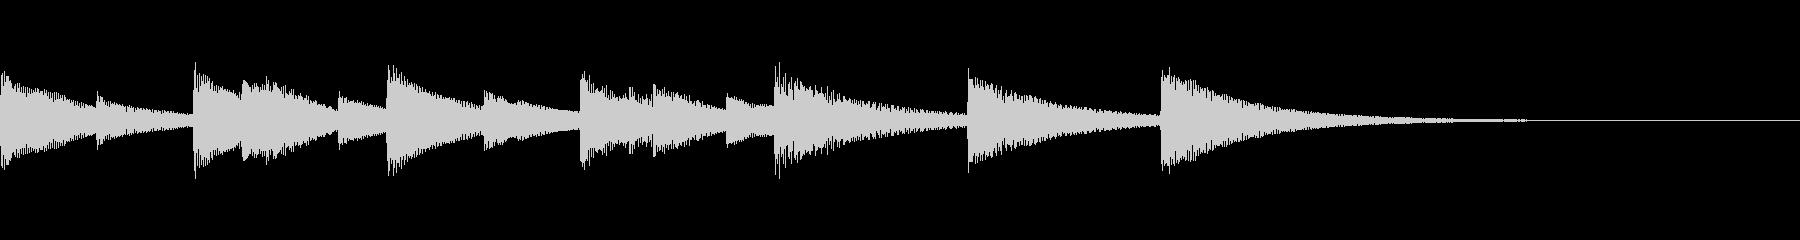 優しいオルゴールジングルの未再生の波形